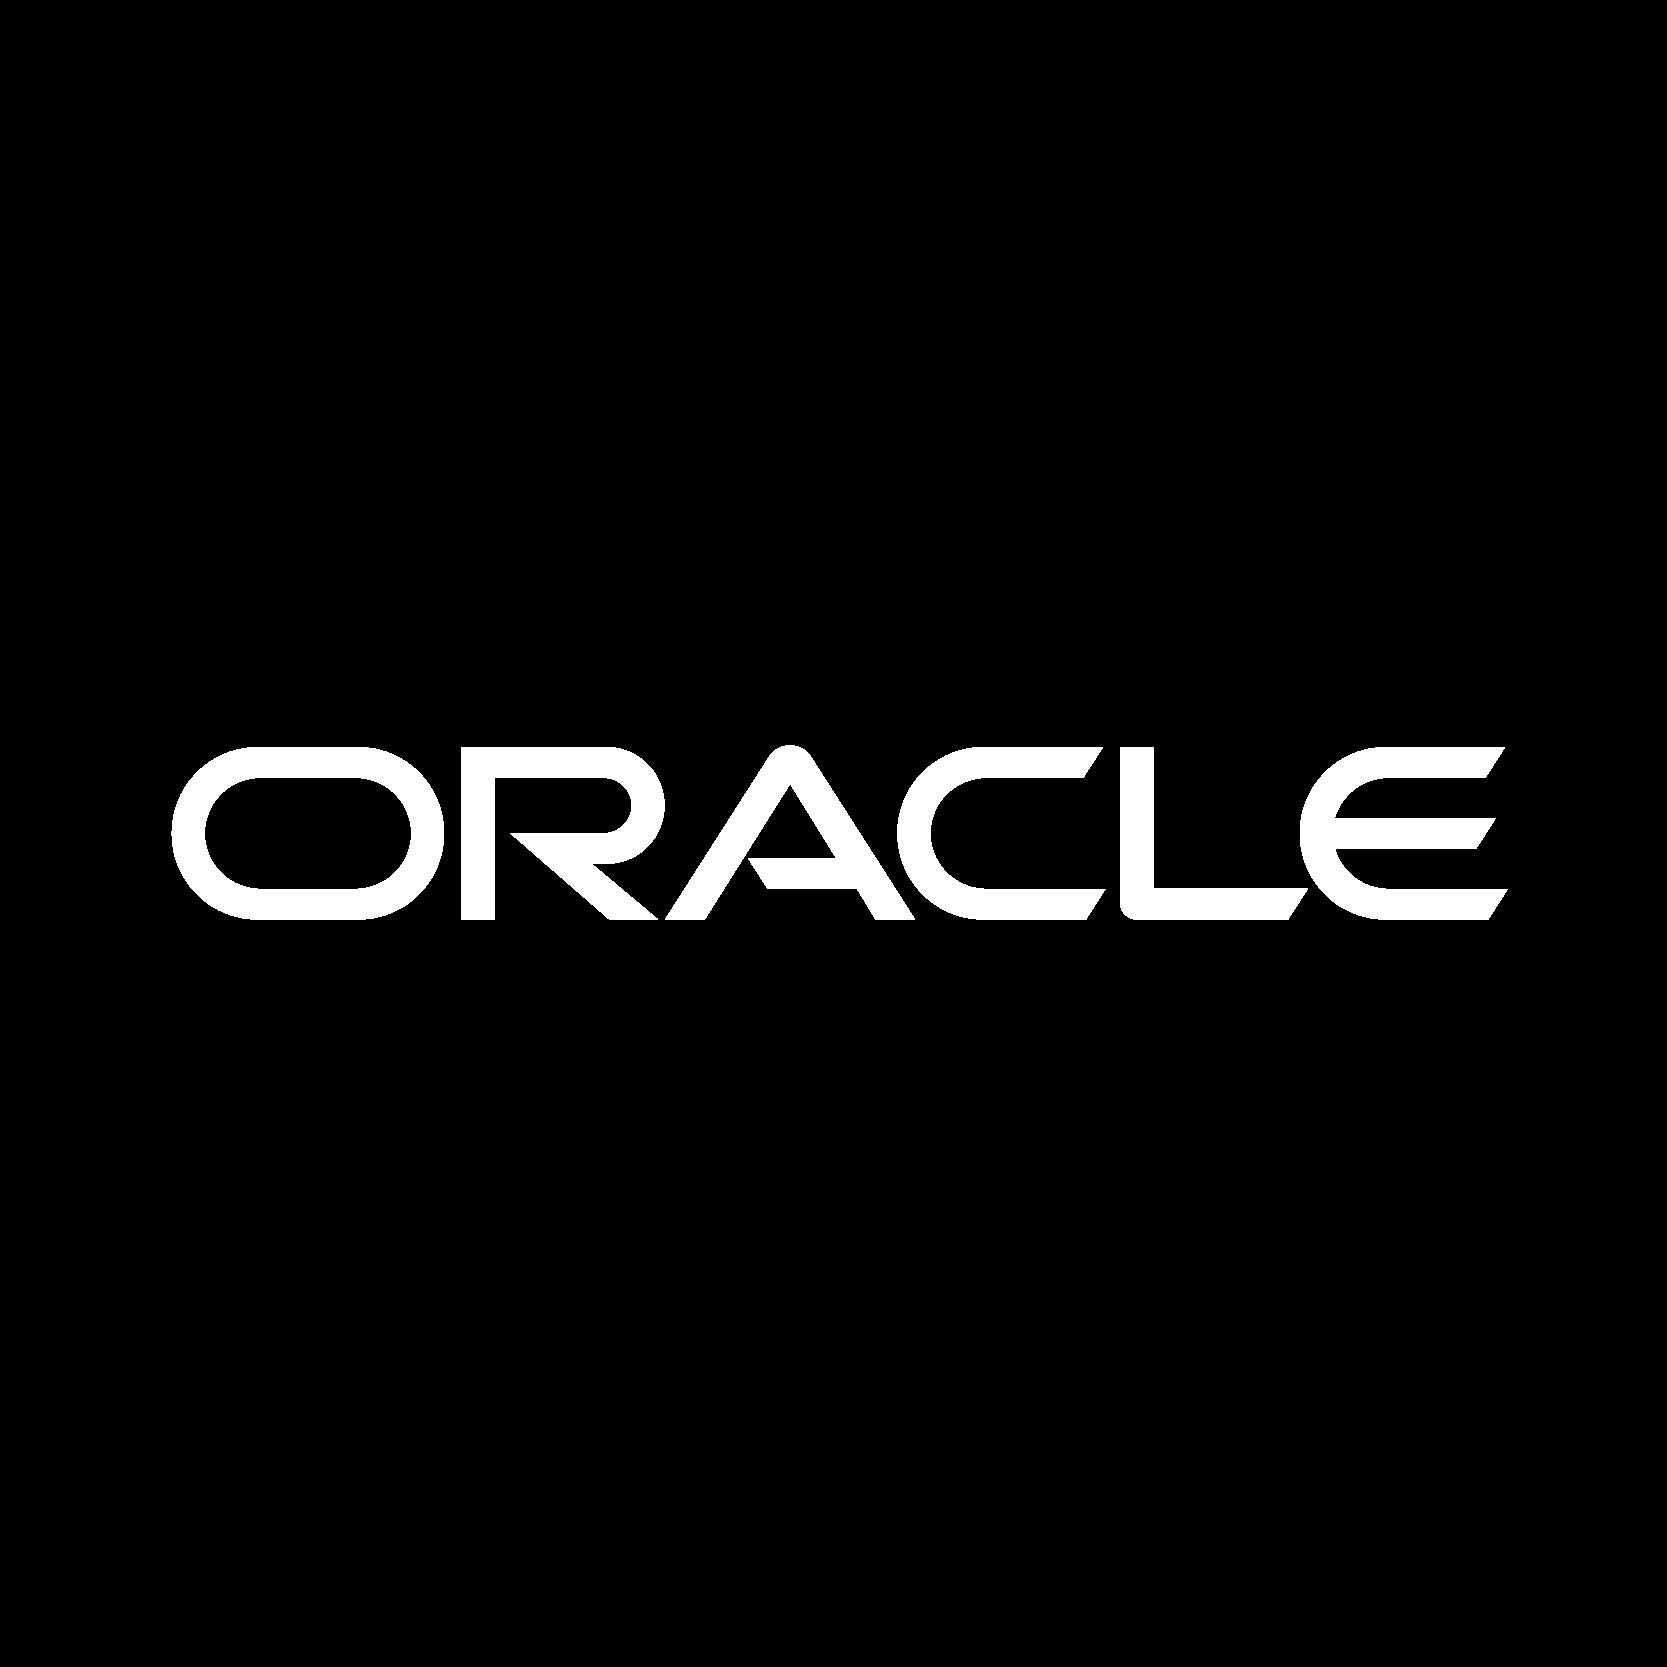 oracle Logo White